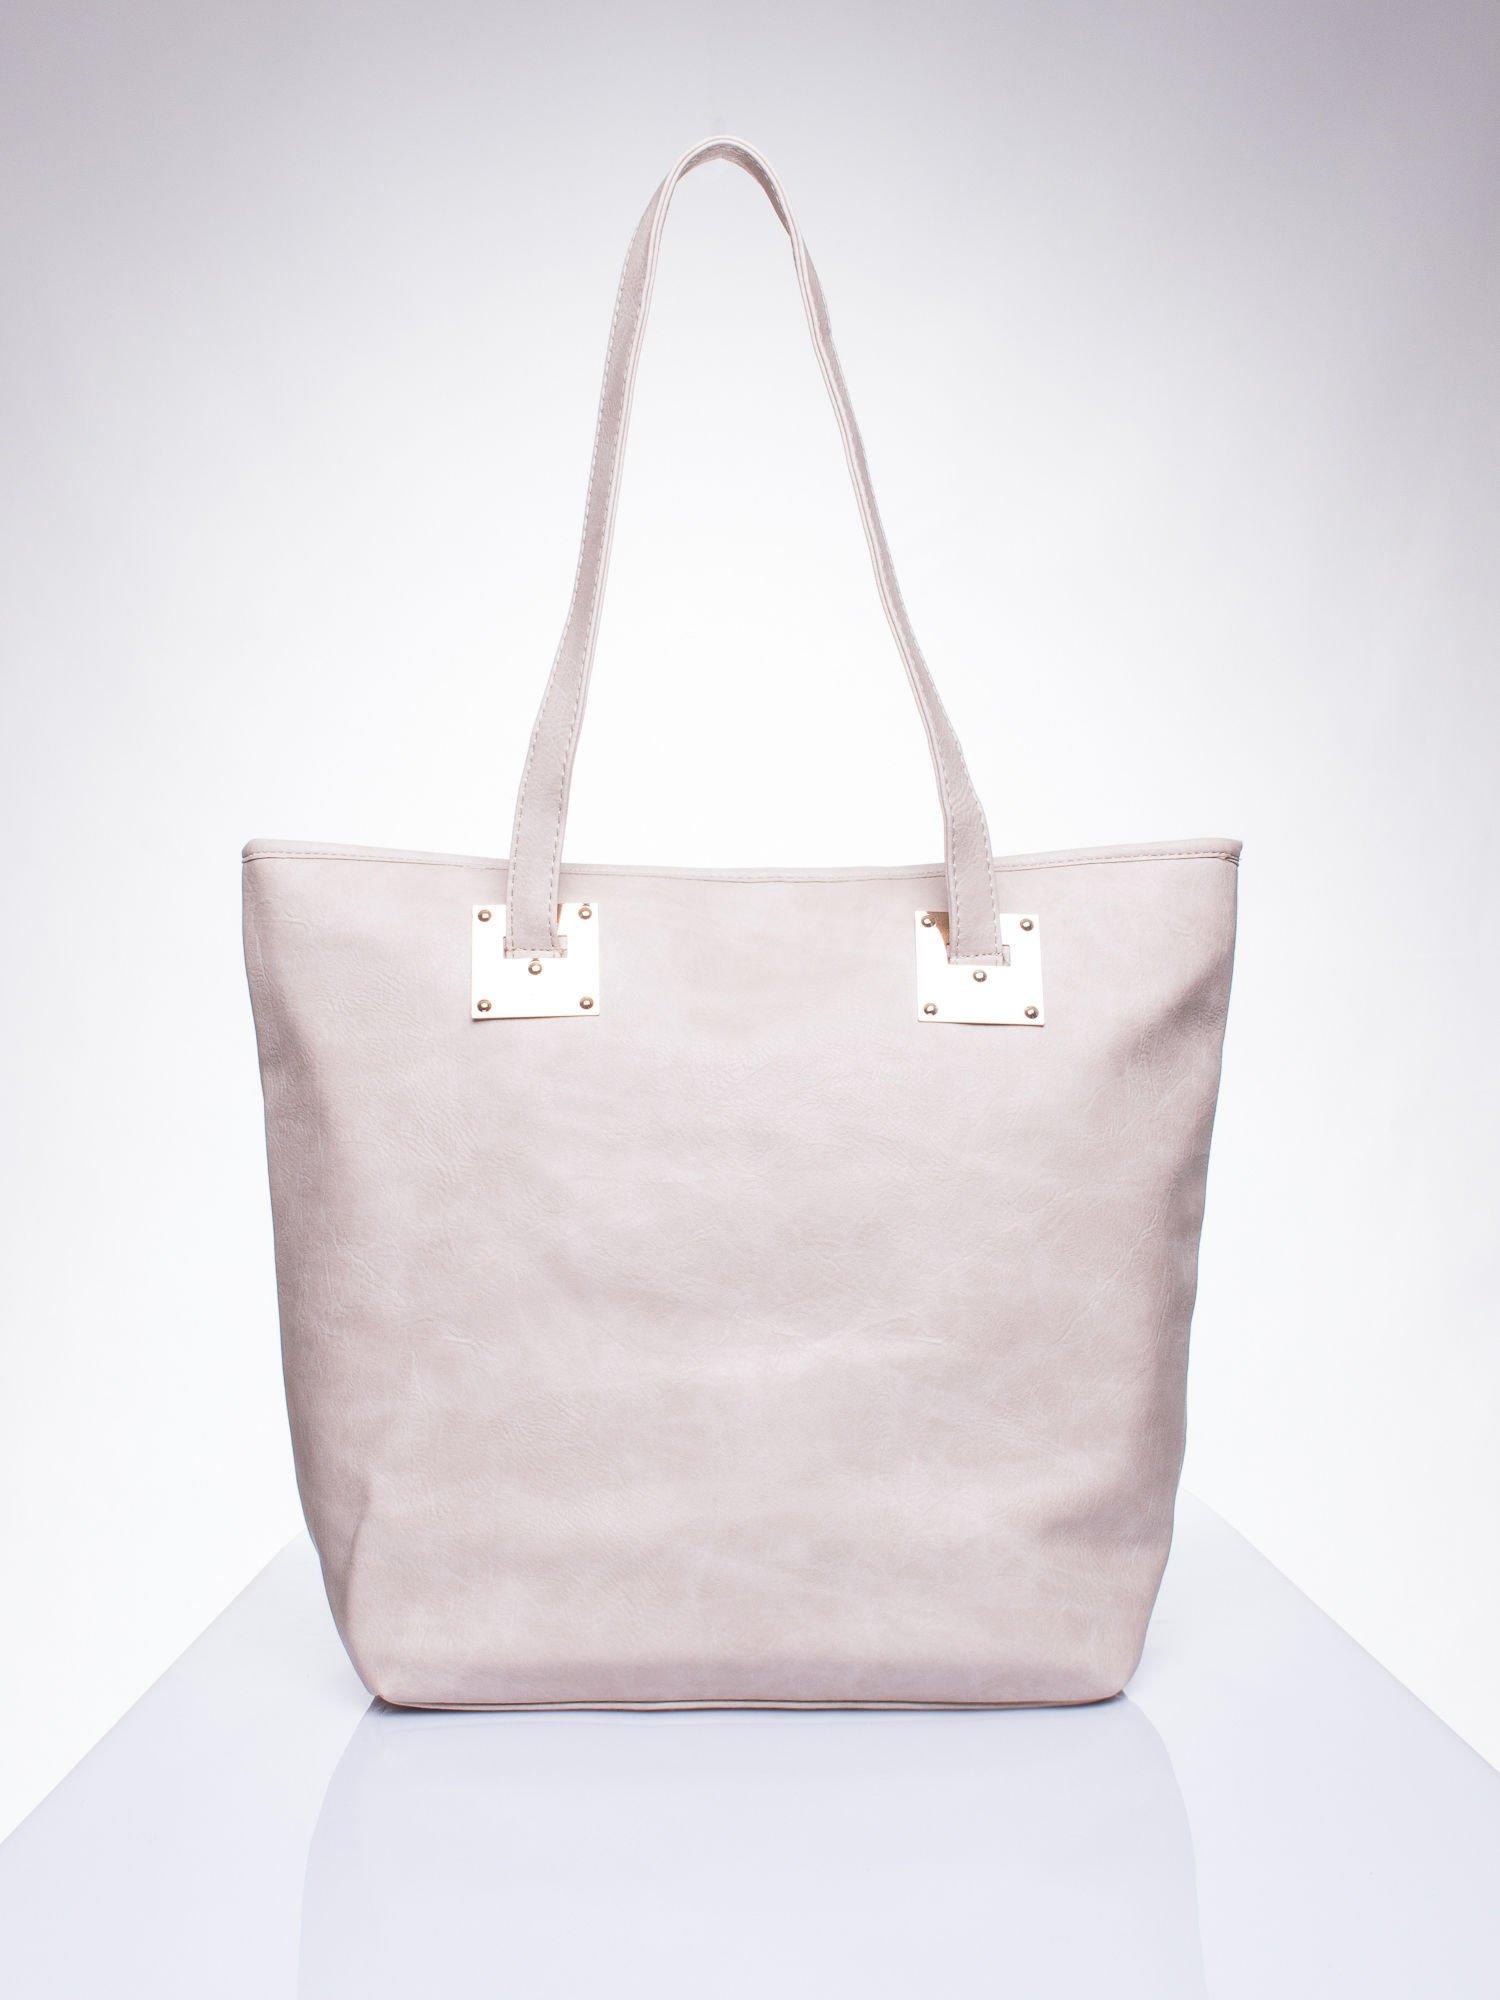 Beżowa prosta torba shopper bag ze złotymi okuciami                                  zdj.                                  1